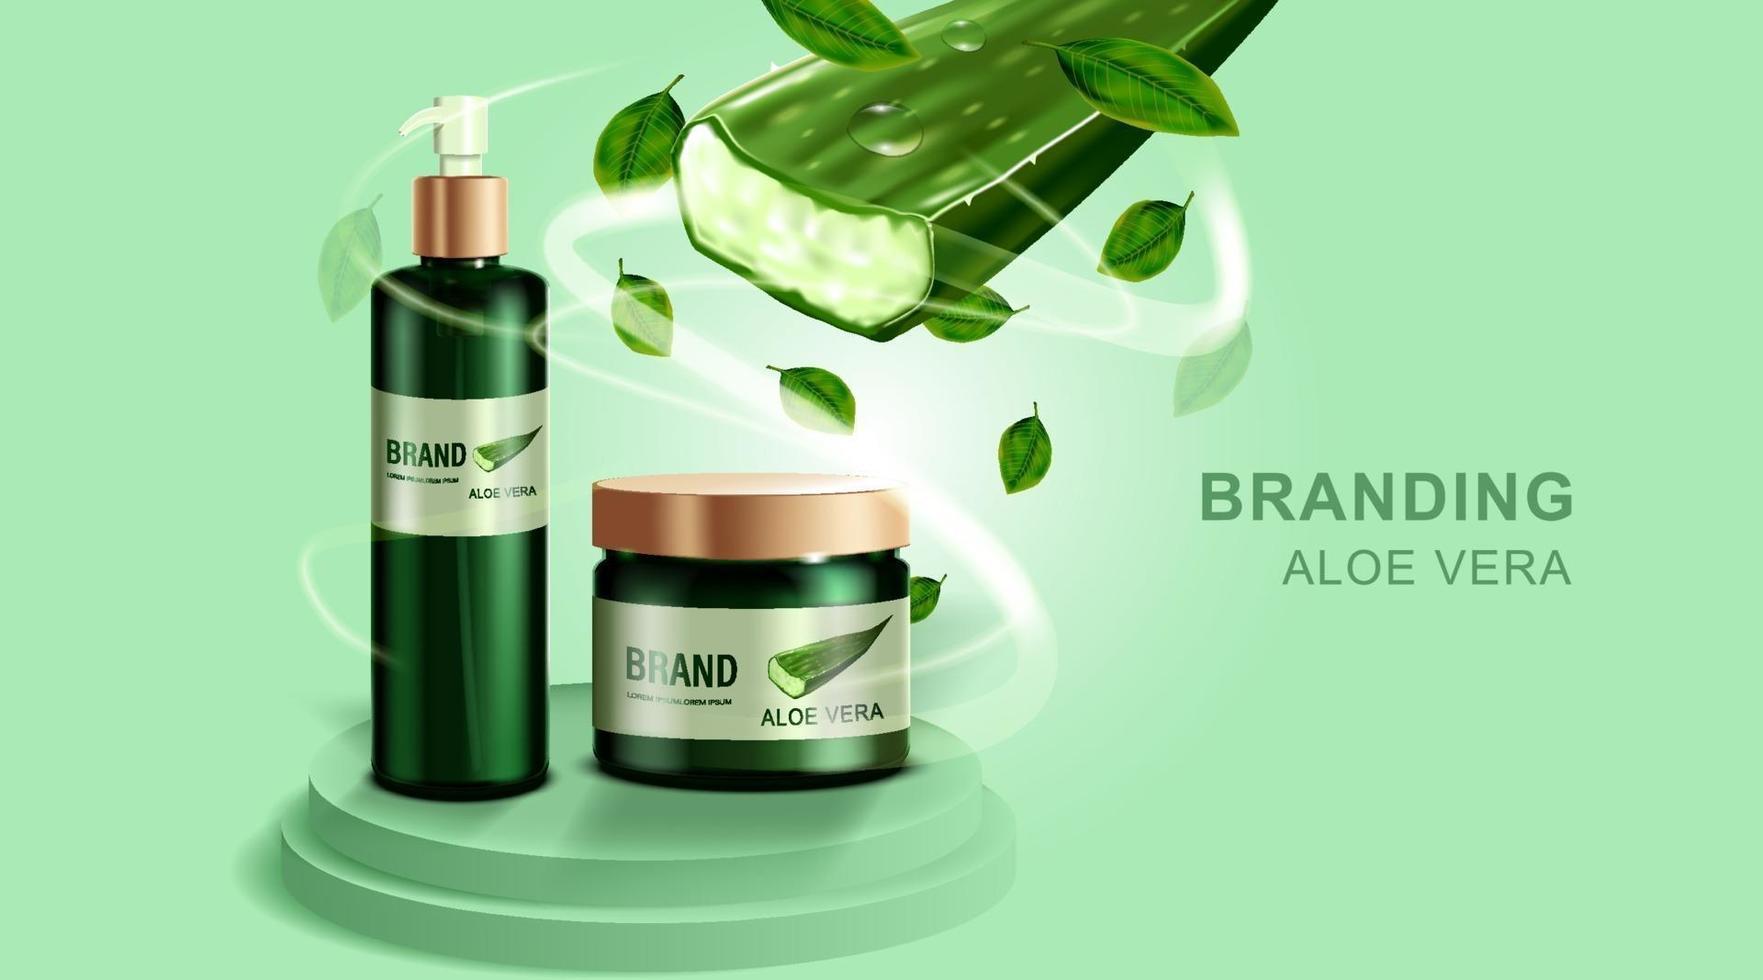 cosméticos ou produtos para a pele. maquete de garrafa e aloe vera com fundo verde. ilustração vetorial. vetor